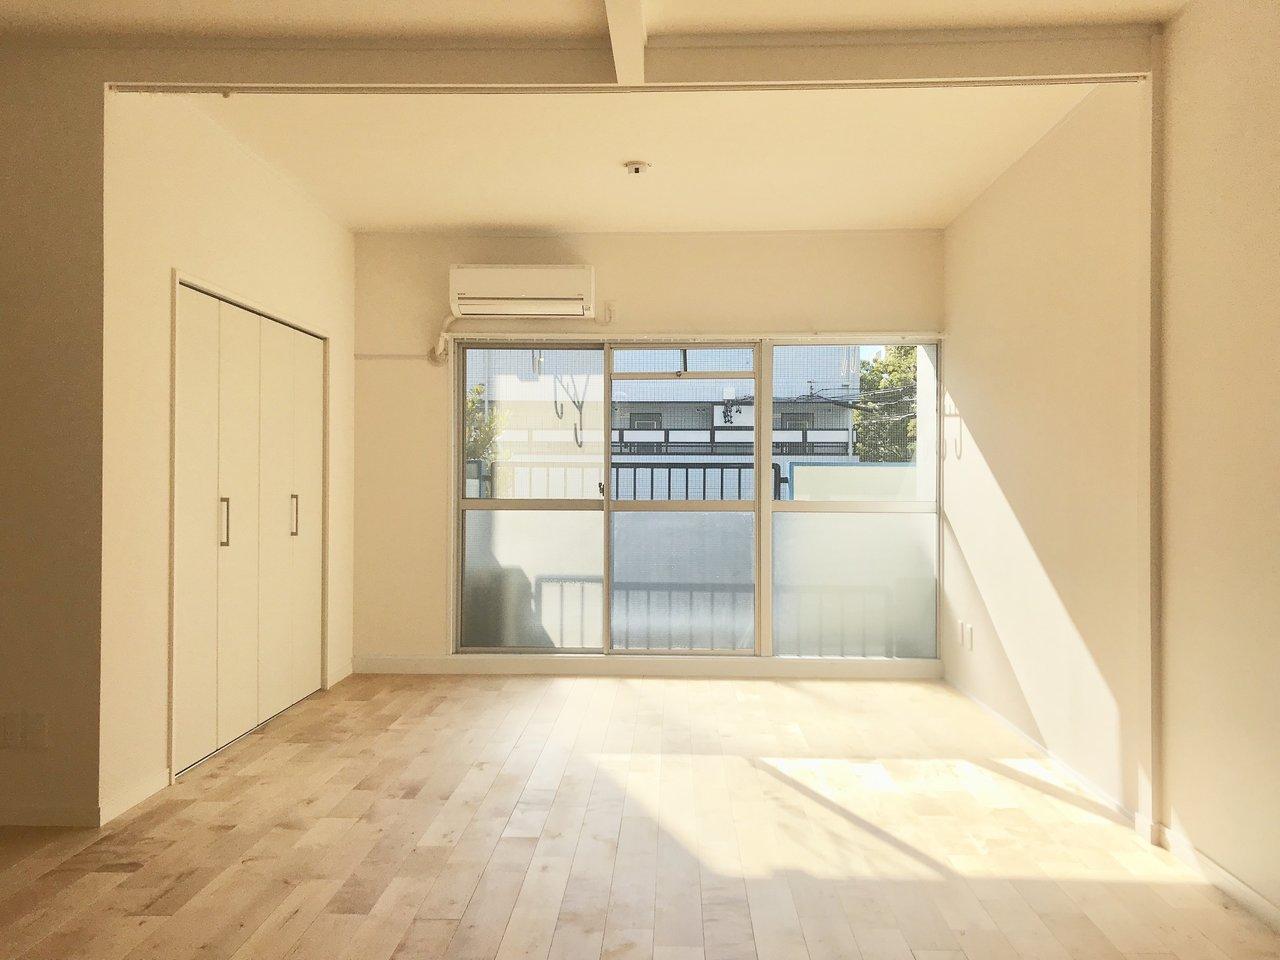 ワンルームとありますが、部屋中央の天井にカーテンレールがついているので、仕切ることもできます。もちろんそのまま広く使ってもいいし、仕切って寝室とリビングに分けてもいいんです。